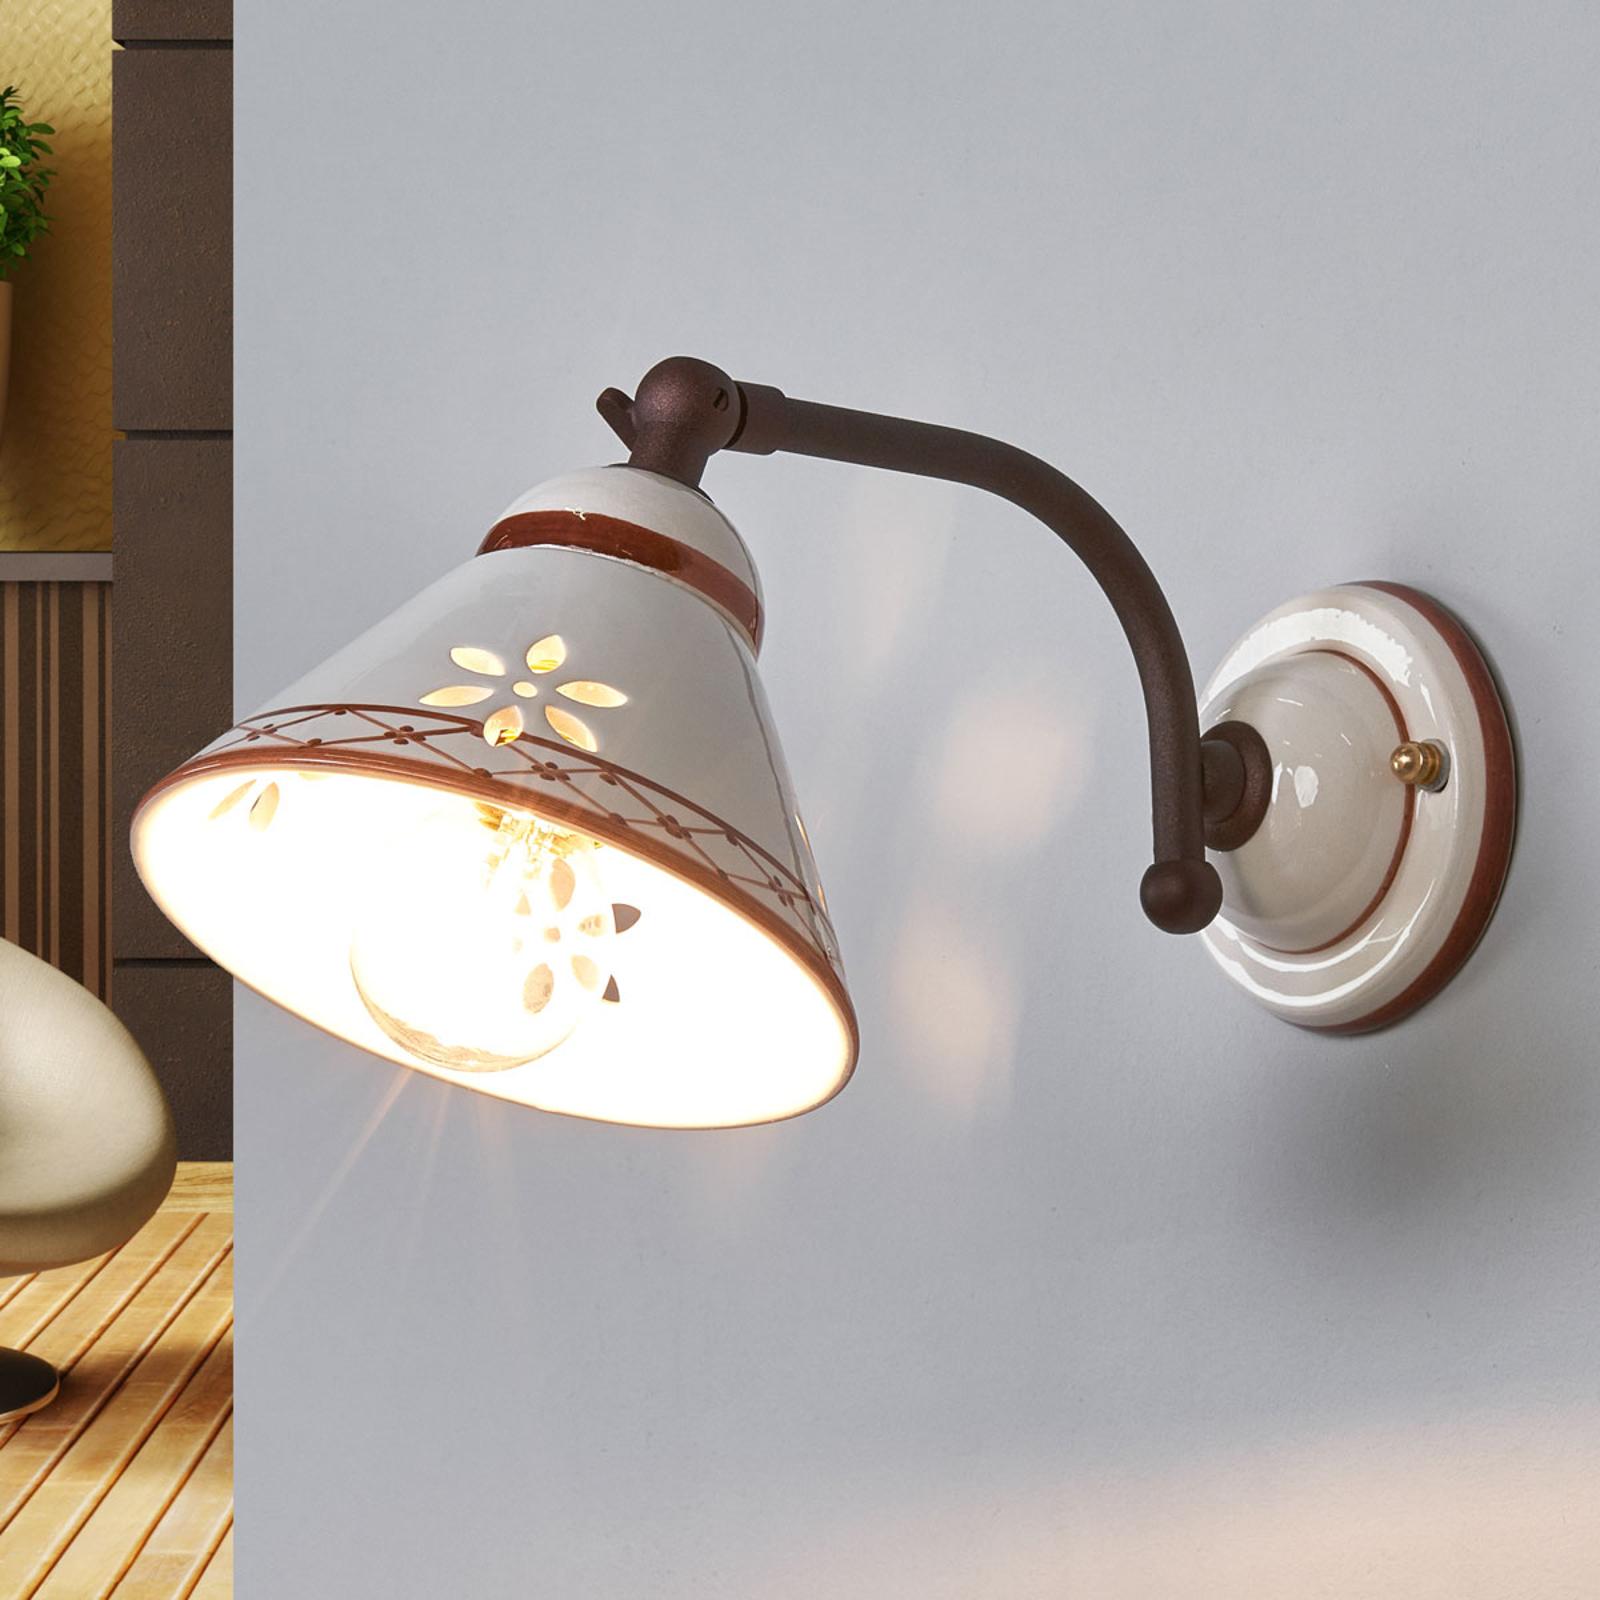 Ceramic wall light Annabell w/ movable spotlight_3046182_1